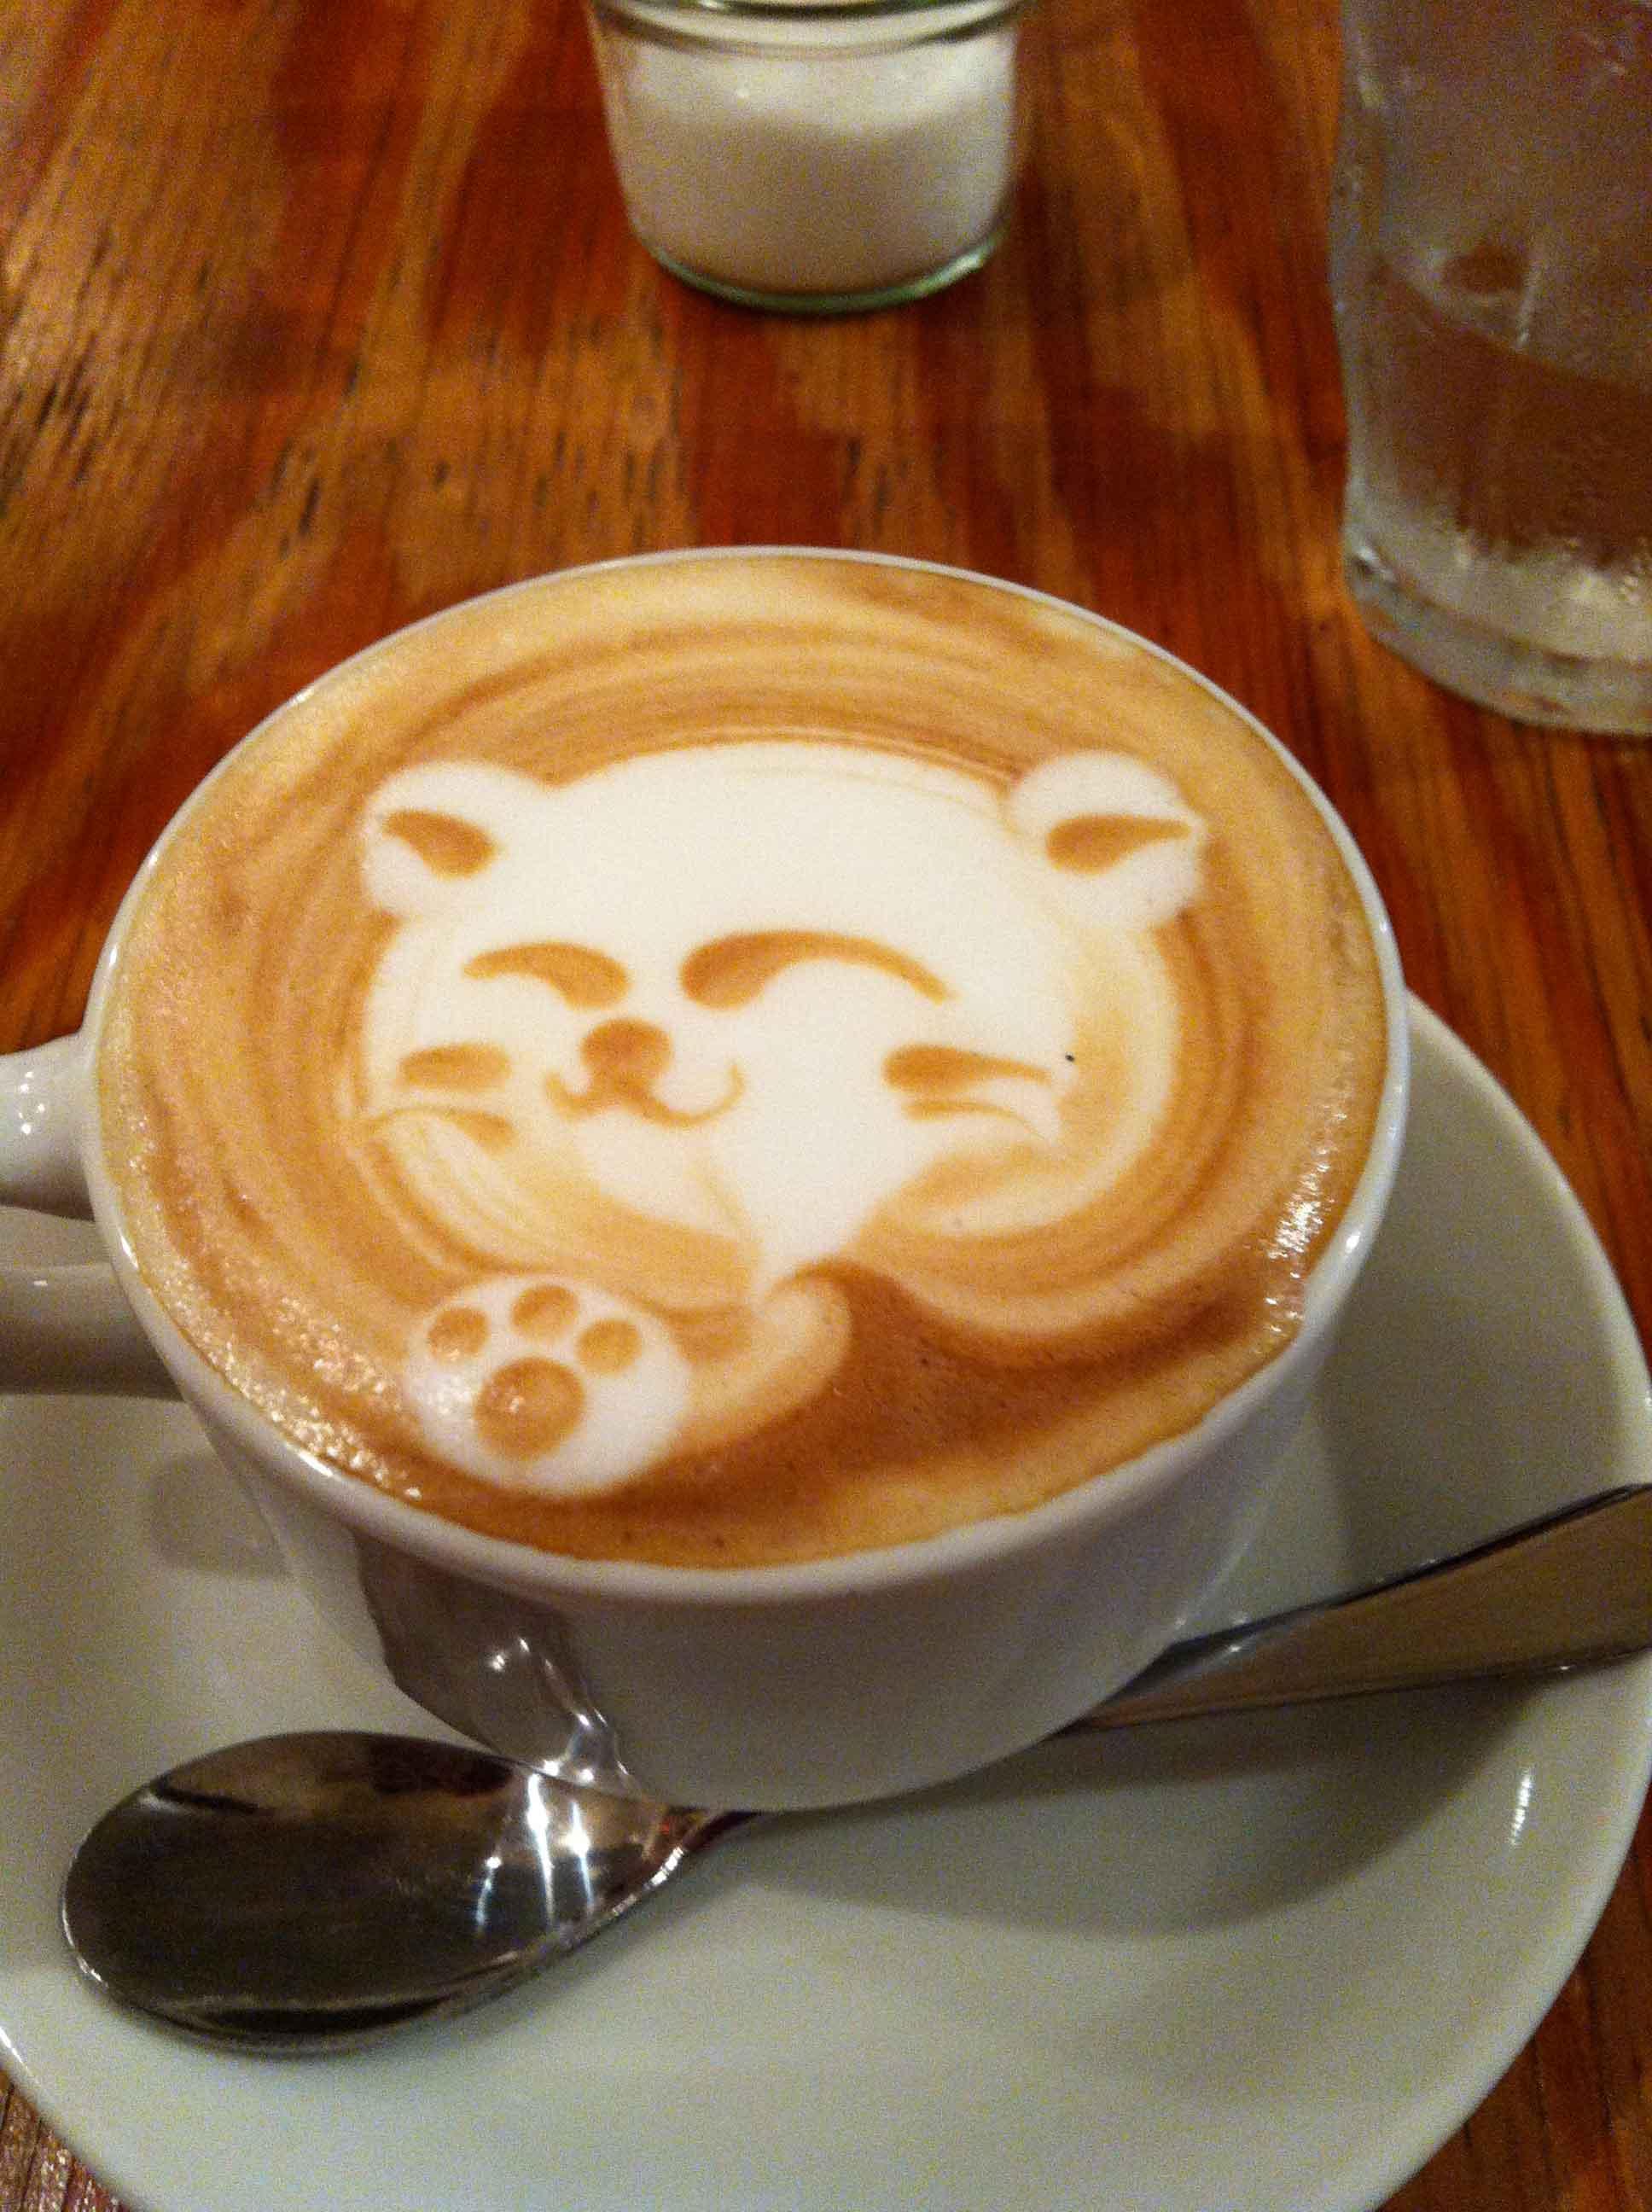 jonellepatrick - en güzel latte artlar